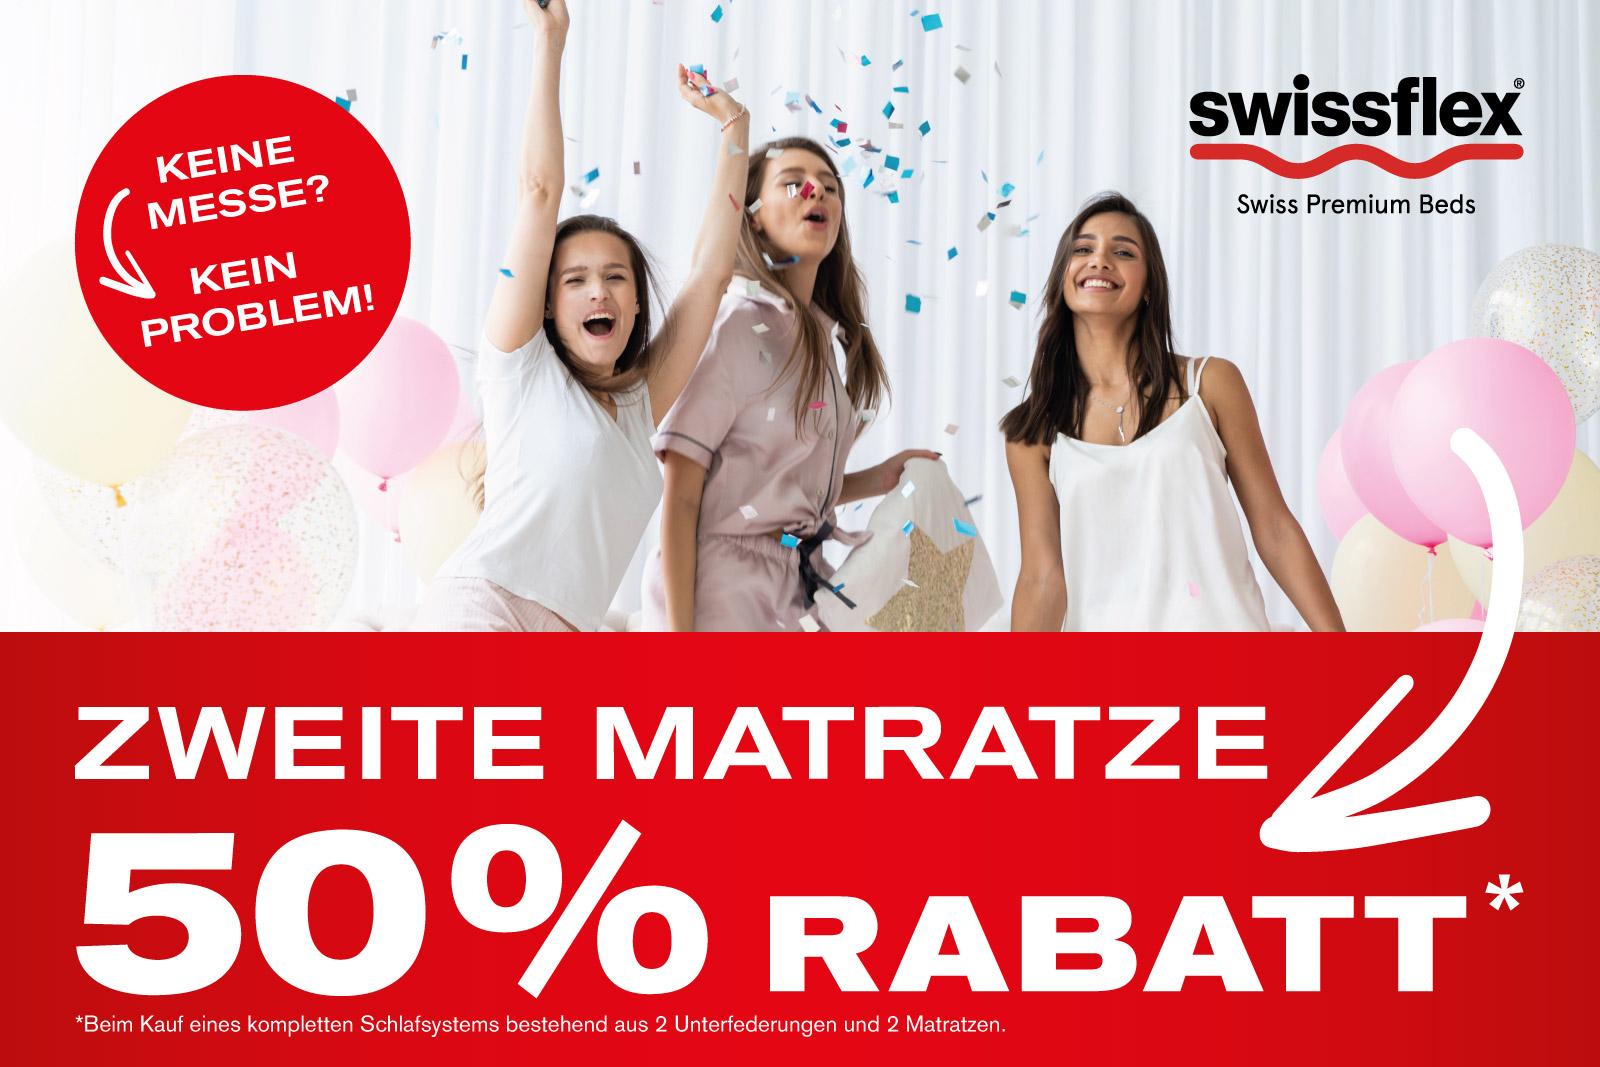 50% Rabatt Swissflex Aktion